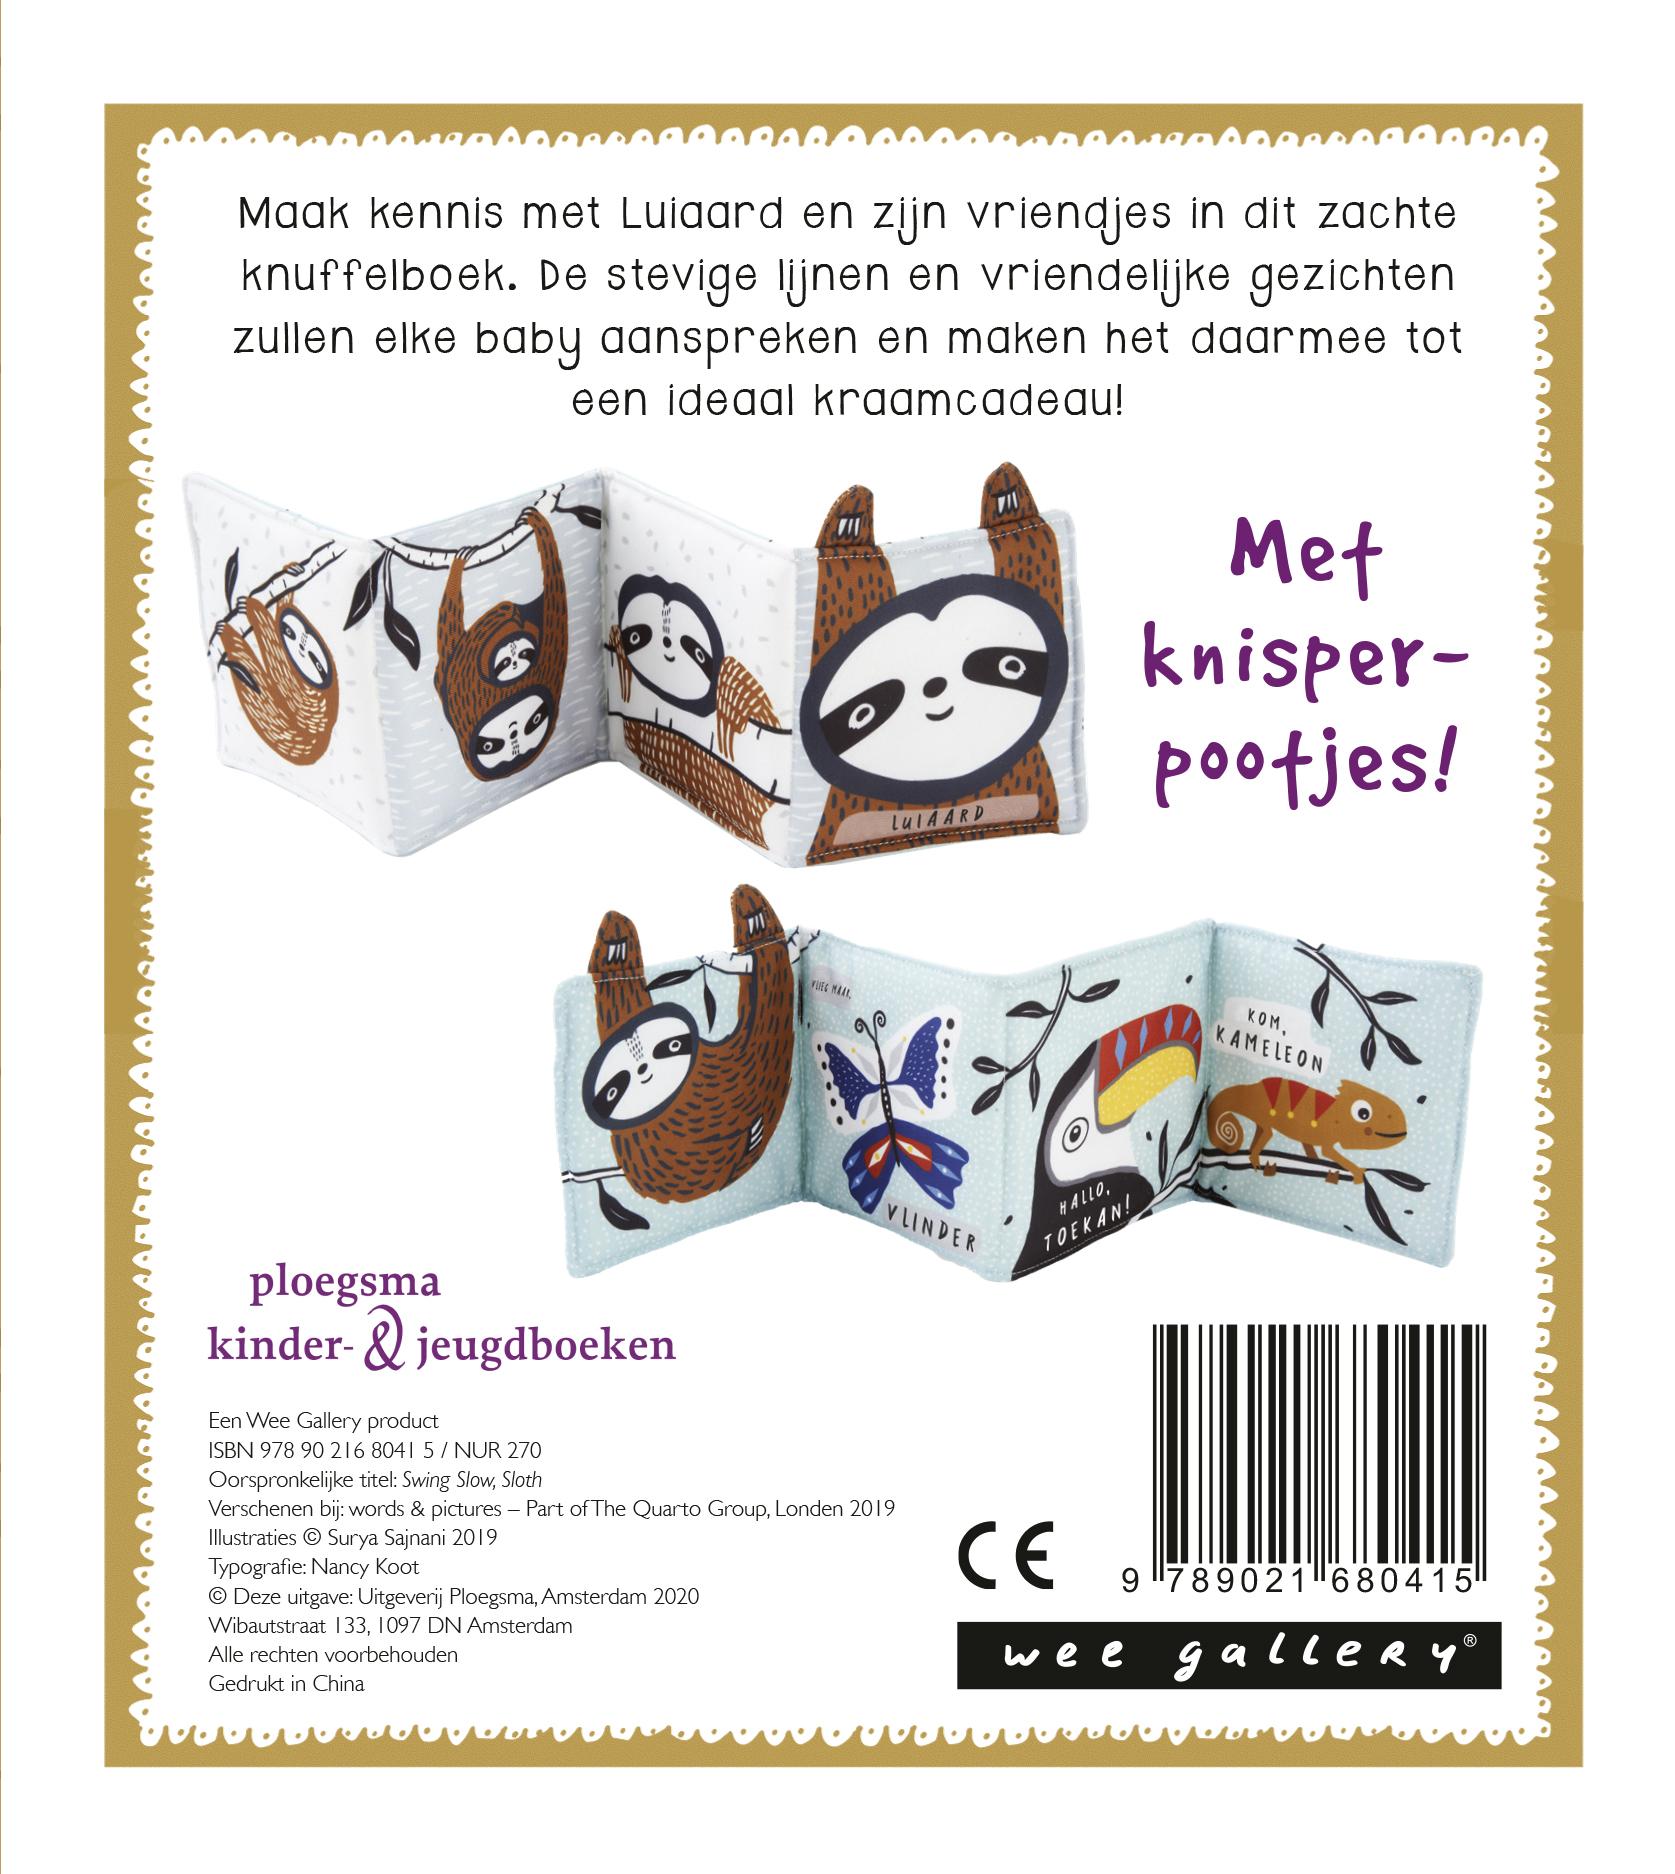 Knuffelboekje Luiaard